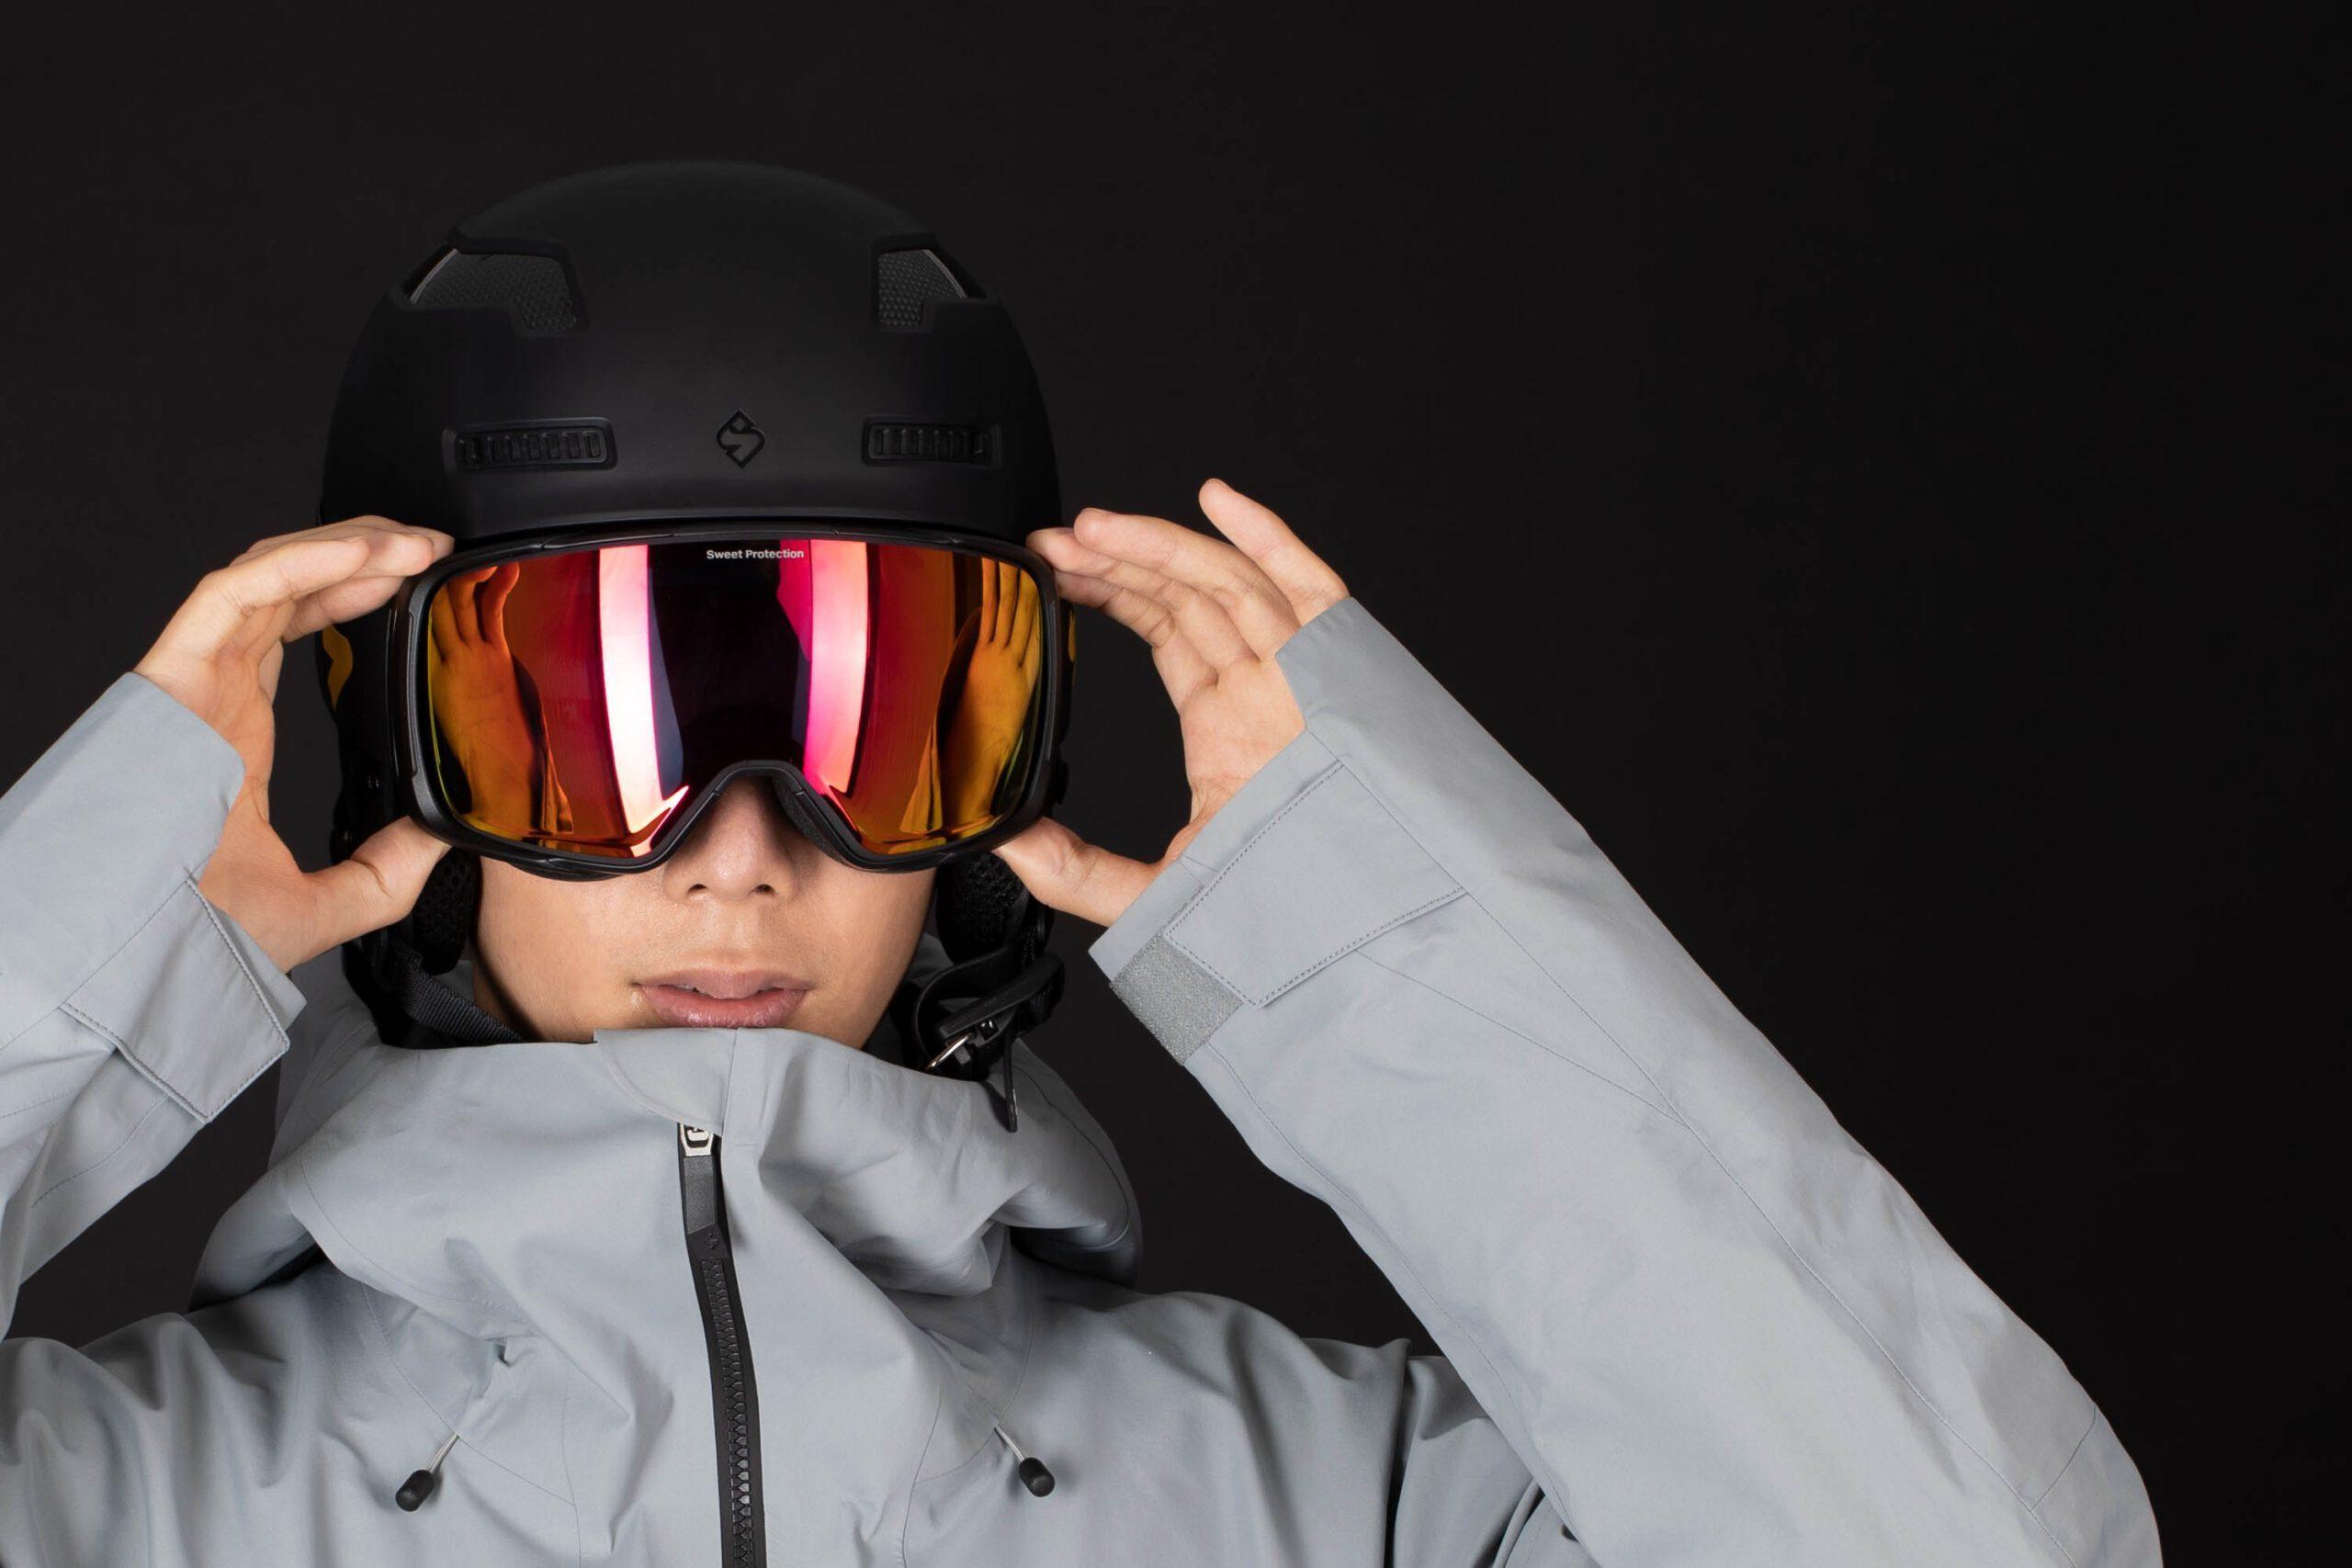 스키 고글 스윗프로텍션 인터스텔라